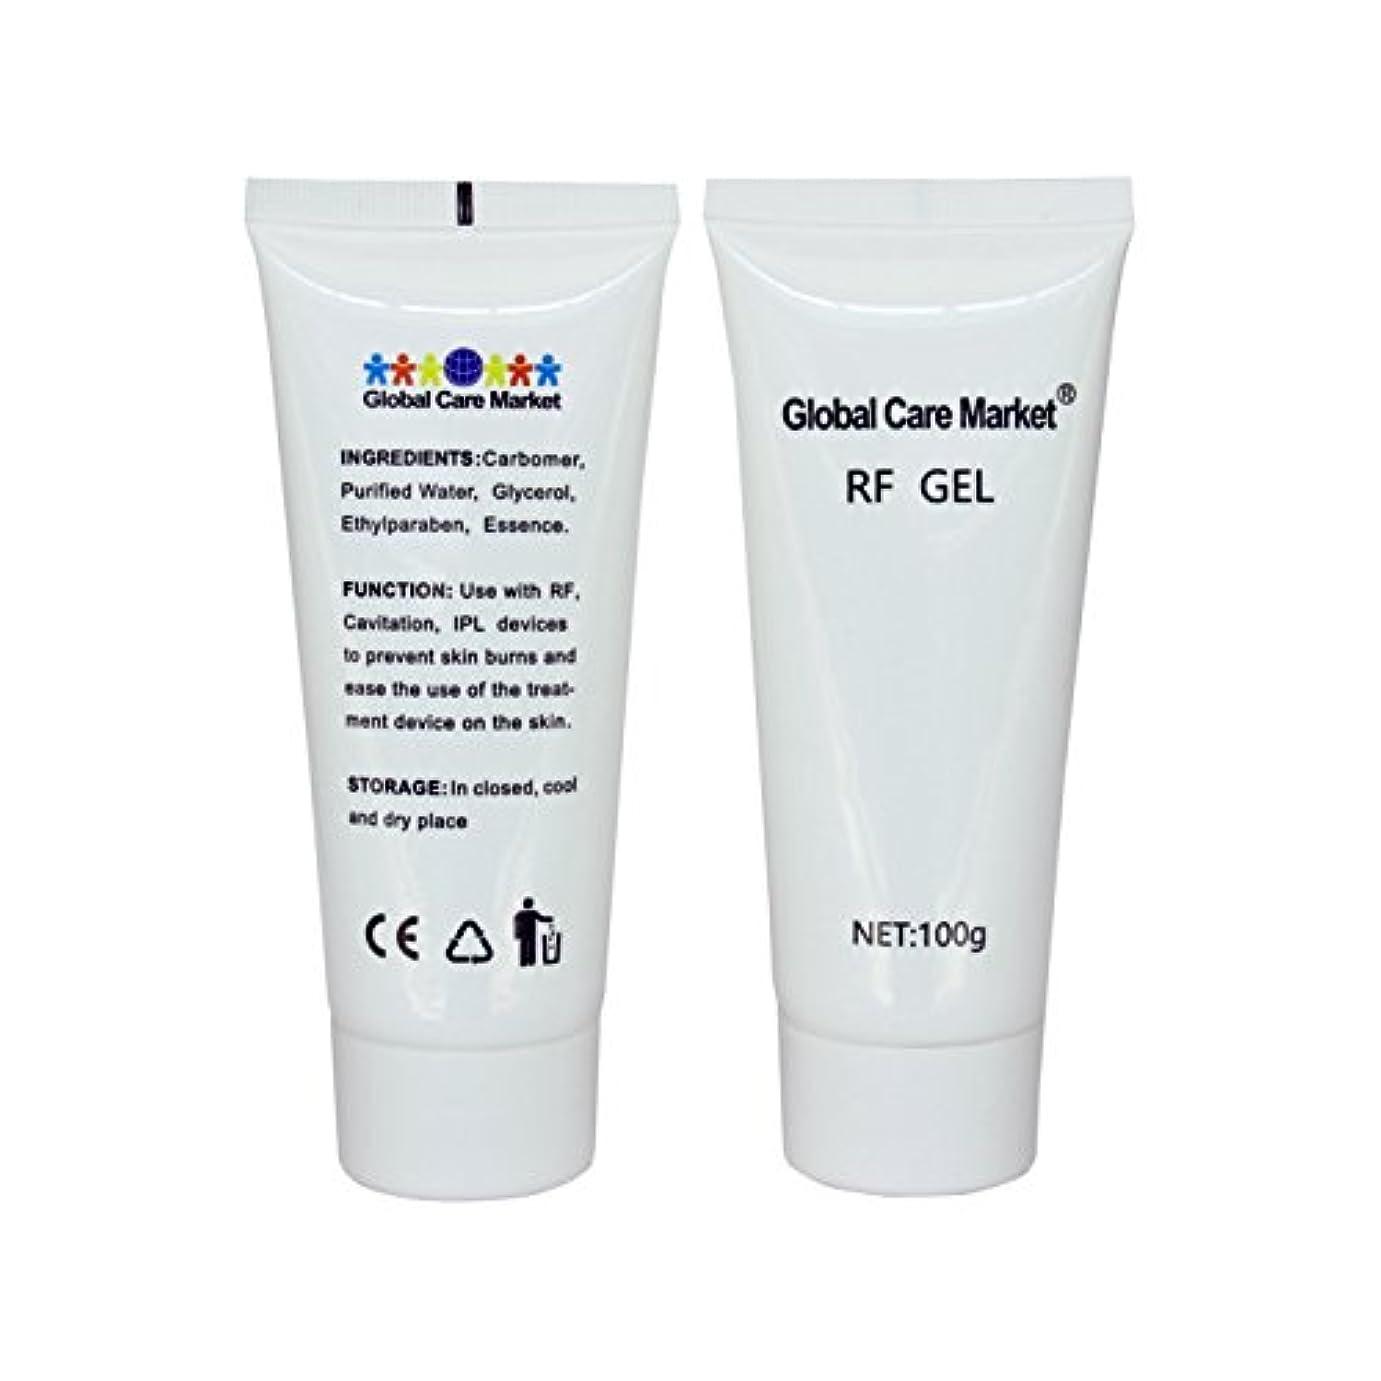 誰でも石灰岩制約RF GEL(2 Pack) - 高周波治療装置に使用する皮膚冷却および潤滑です